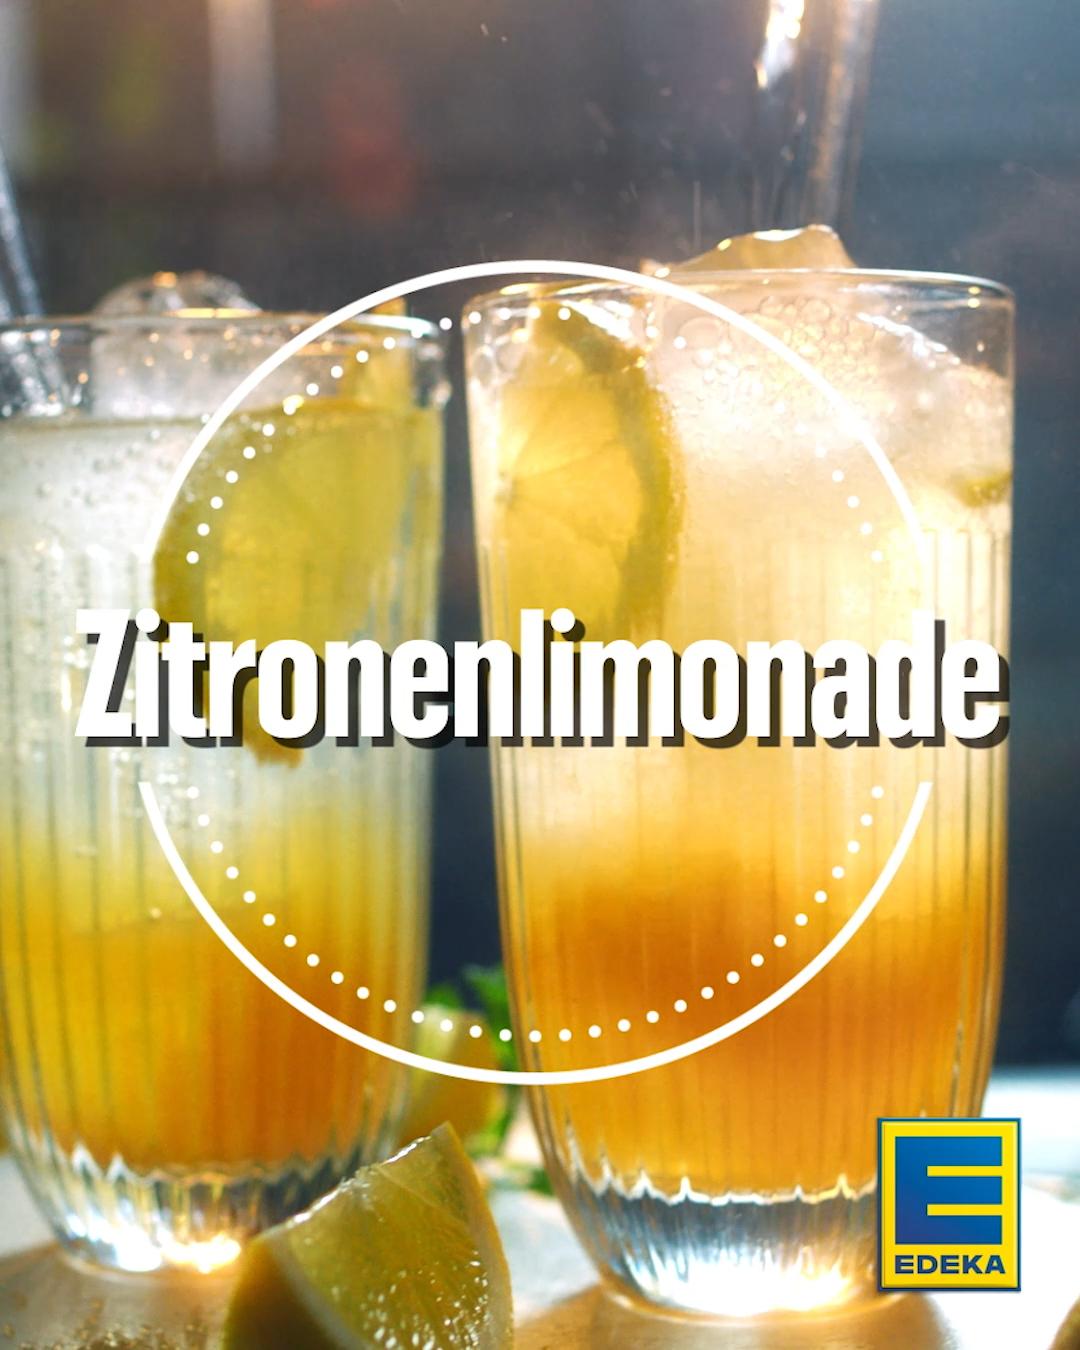 Prickelnde Zitronenlimonade mit Wasser erfrischt jederzeit – sowohl als Aperitif als auch als leckerer Drink zwischendurch. Gerade das Aromenduett aus Zitronensäure und Süße von Zucker prädestiniert unser Rezept für den Sommer. #edeka #limonade #selbstgemacht #zitrone #rezept